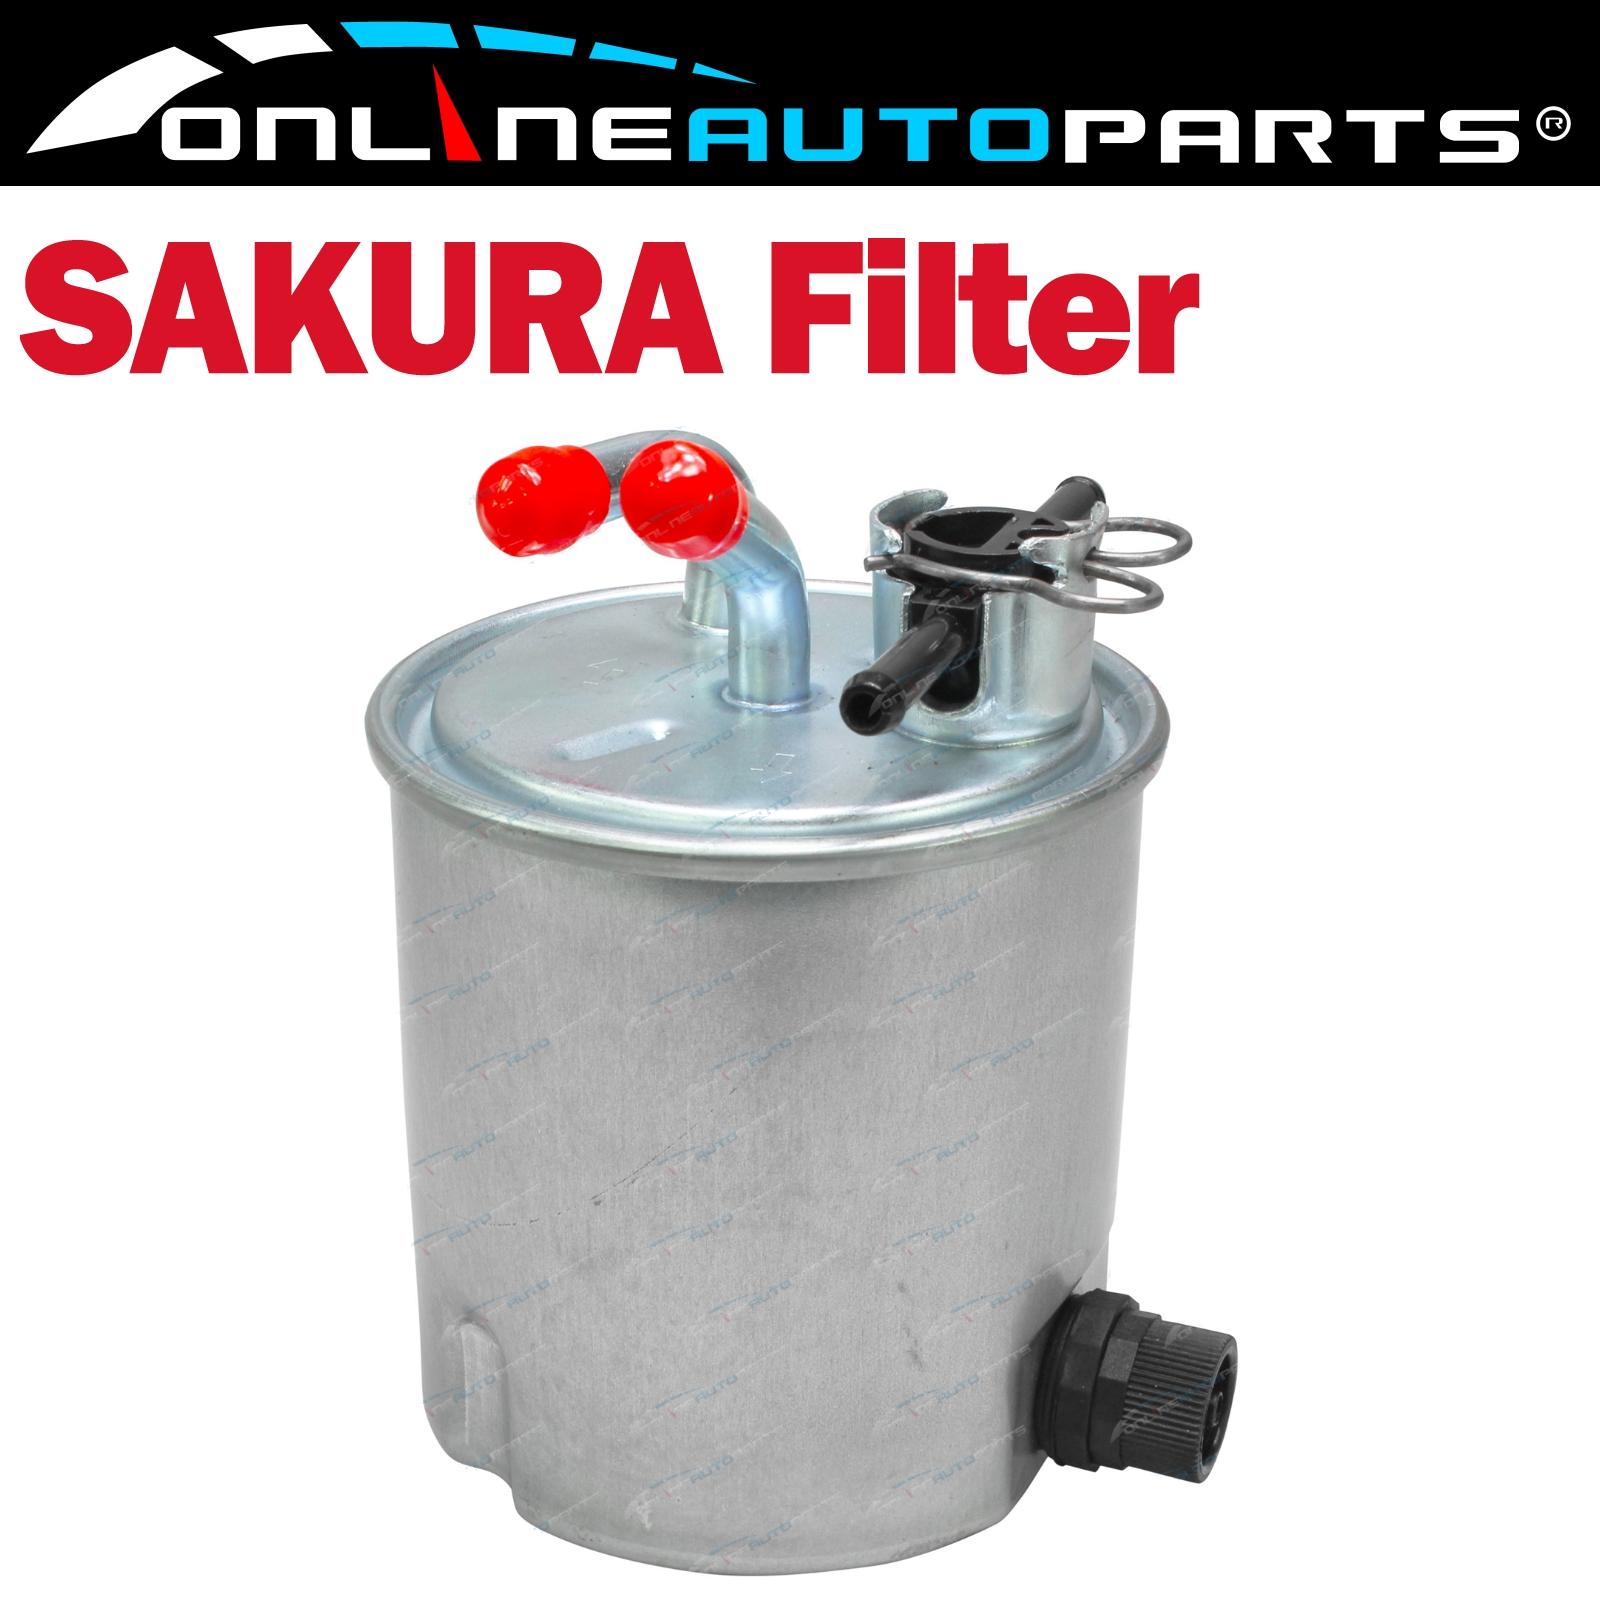 Sakura Fuel Filter suits Pathfinder R51 Navara D40 2.5L 4cyl YD25DDTi 2005 ~2015